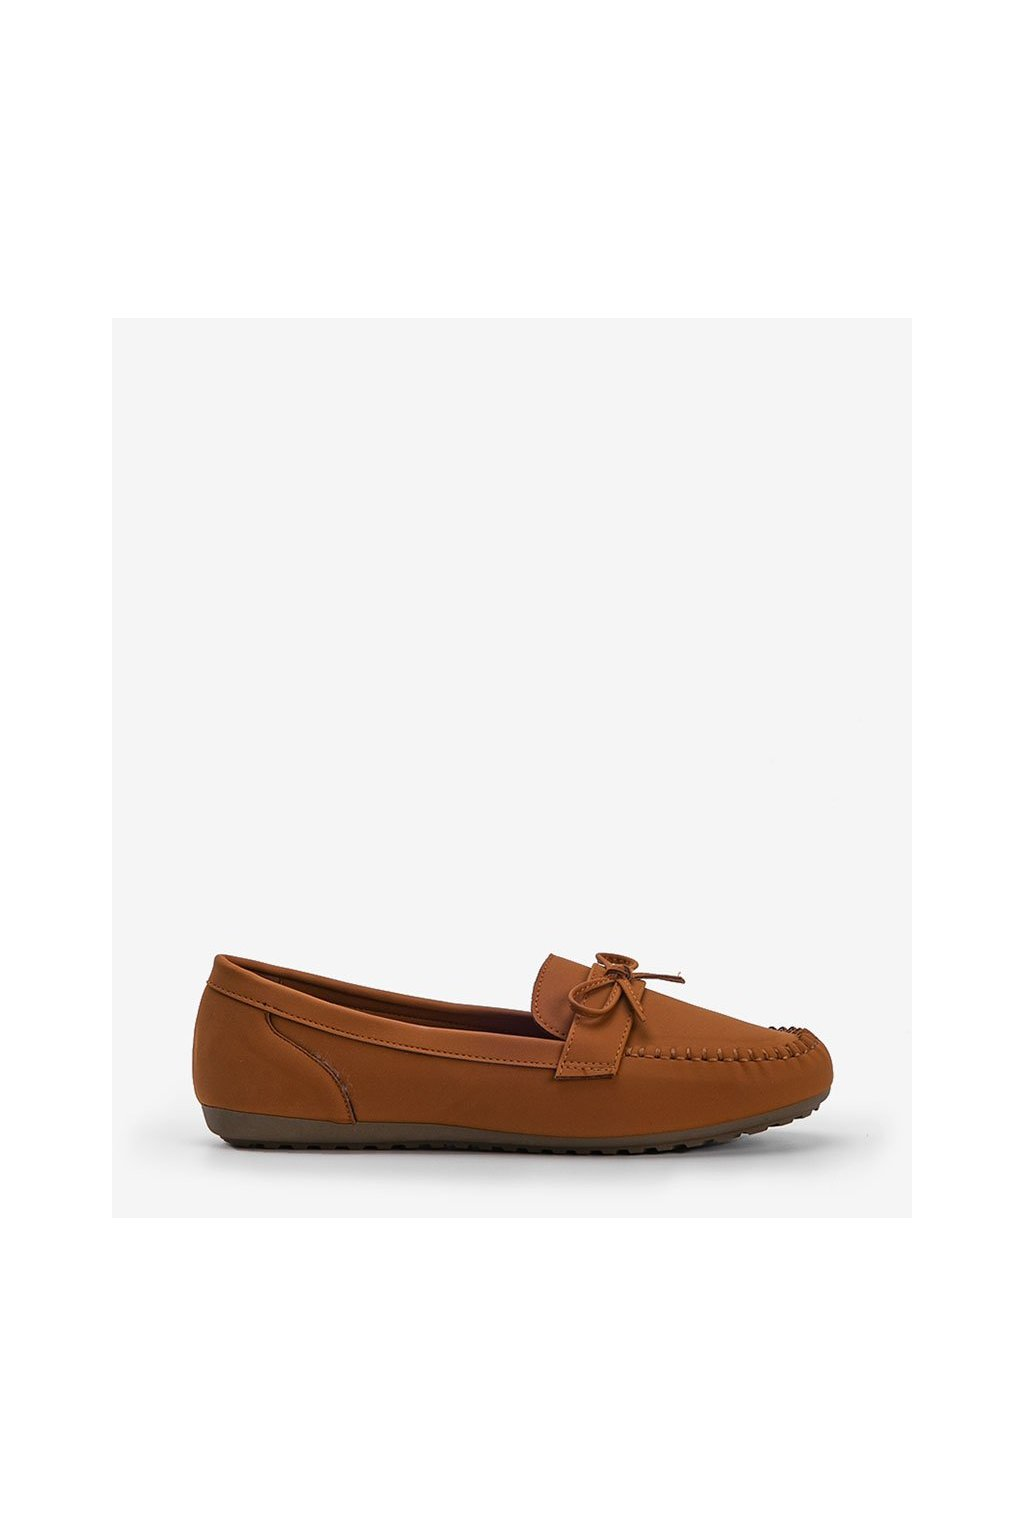 Dámske topánky mokasíny hnedé kód OF217 - GM